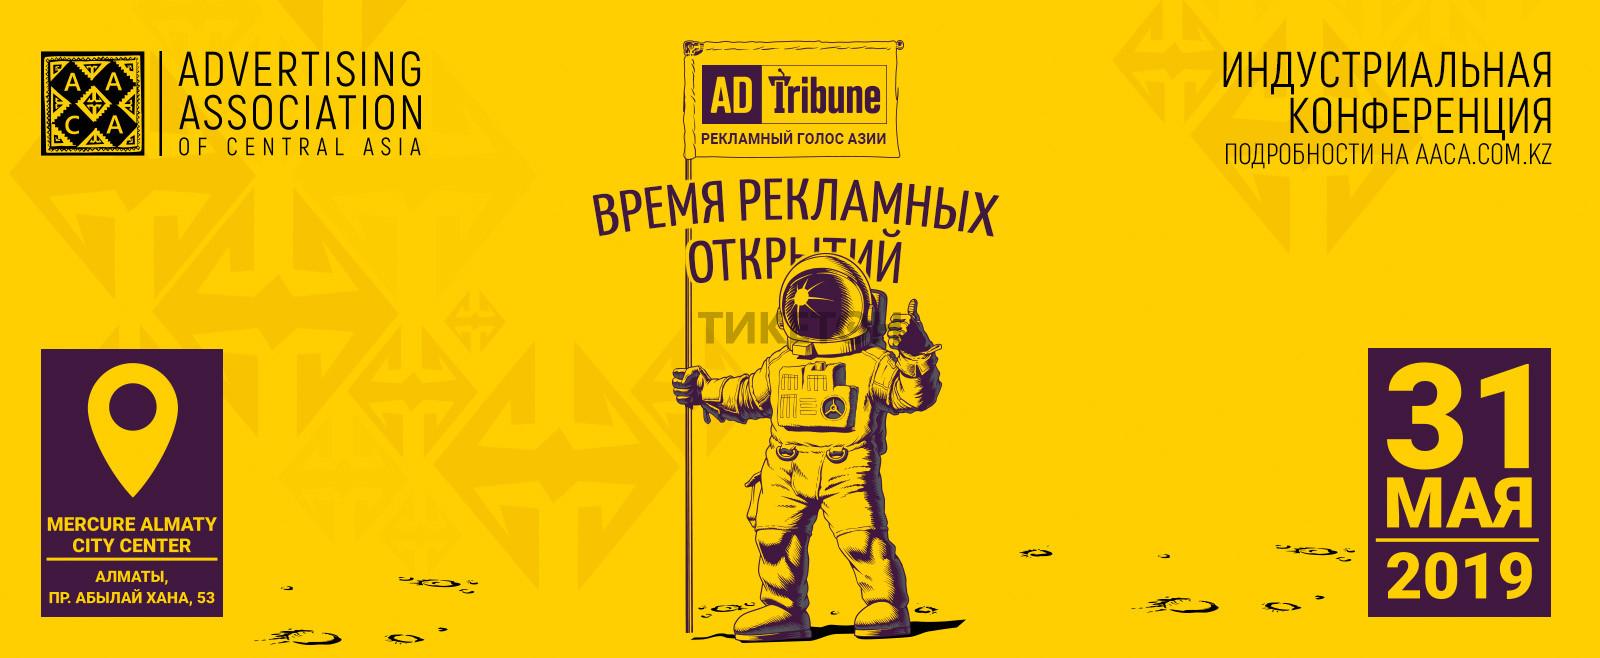 vremya-reklamnykh-otkrytiy